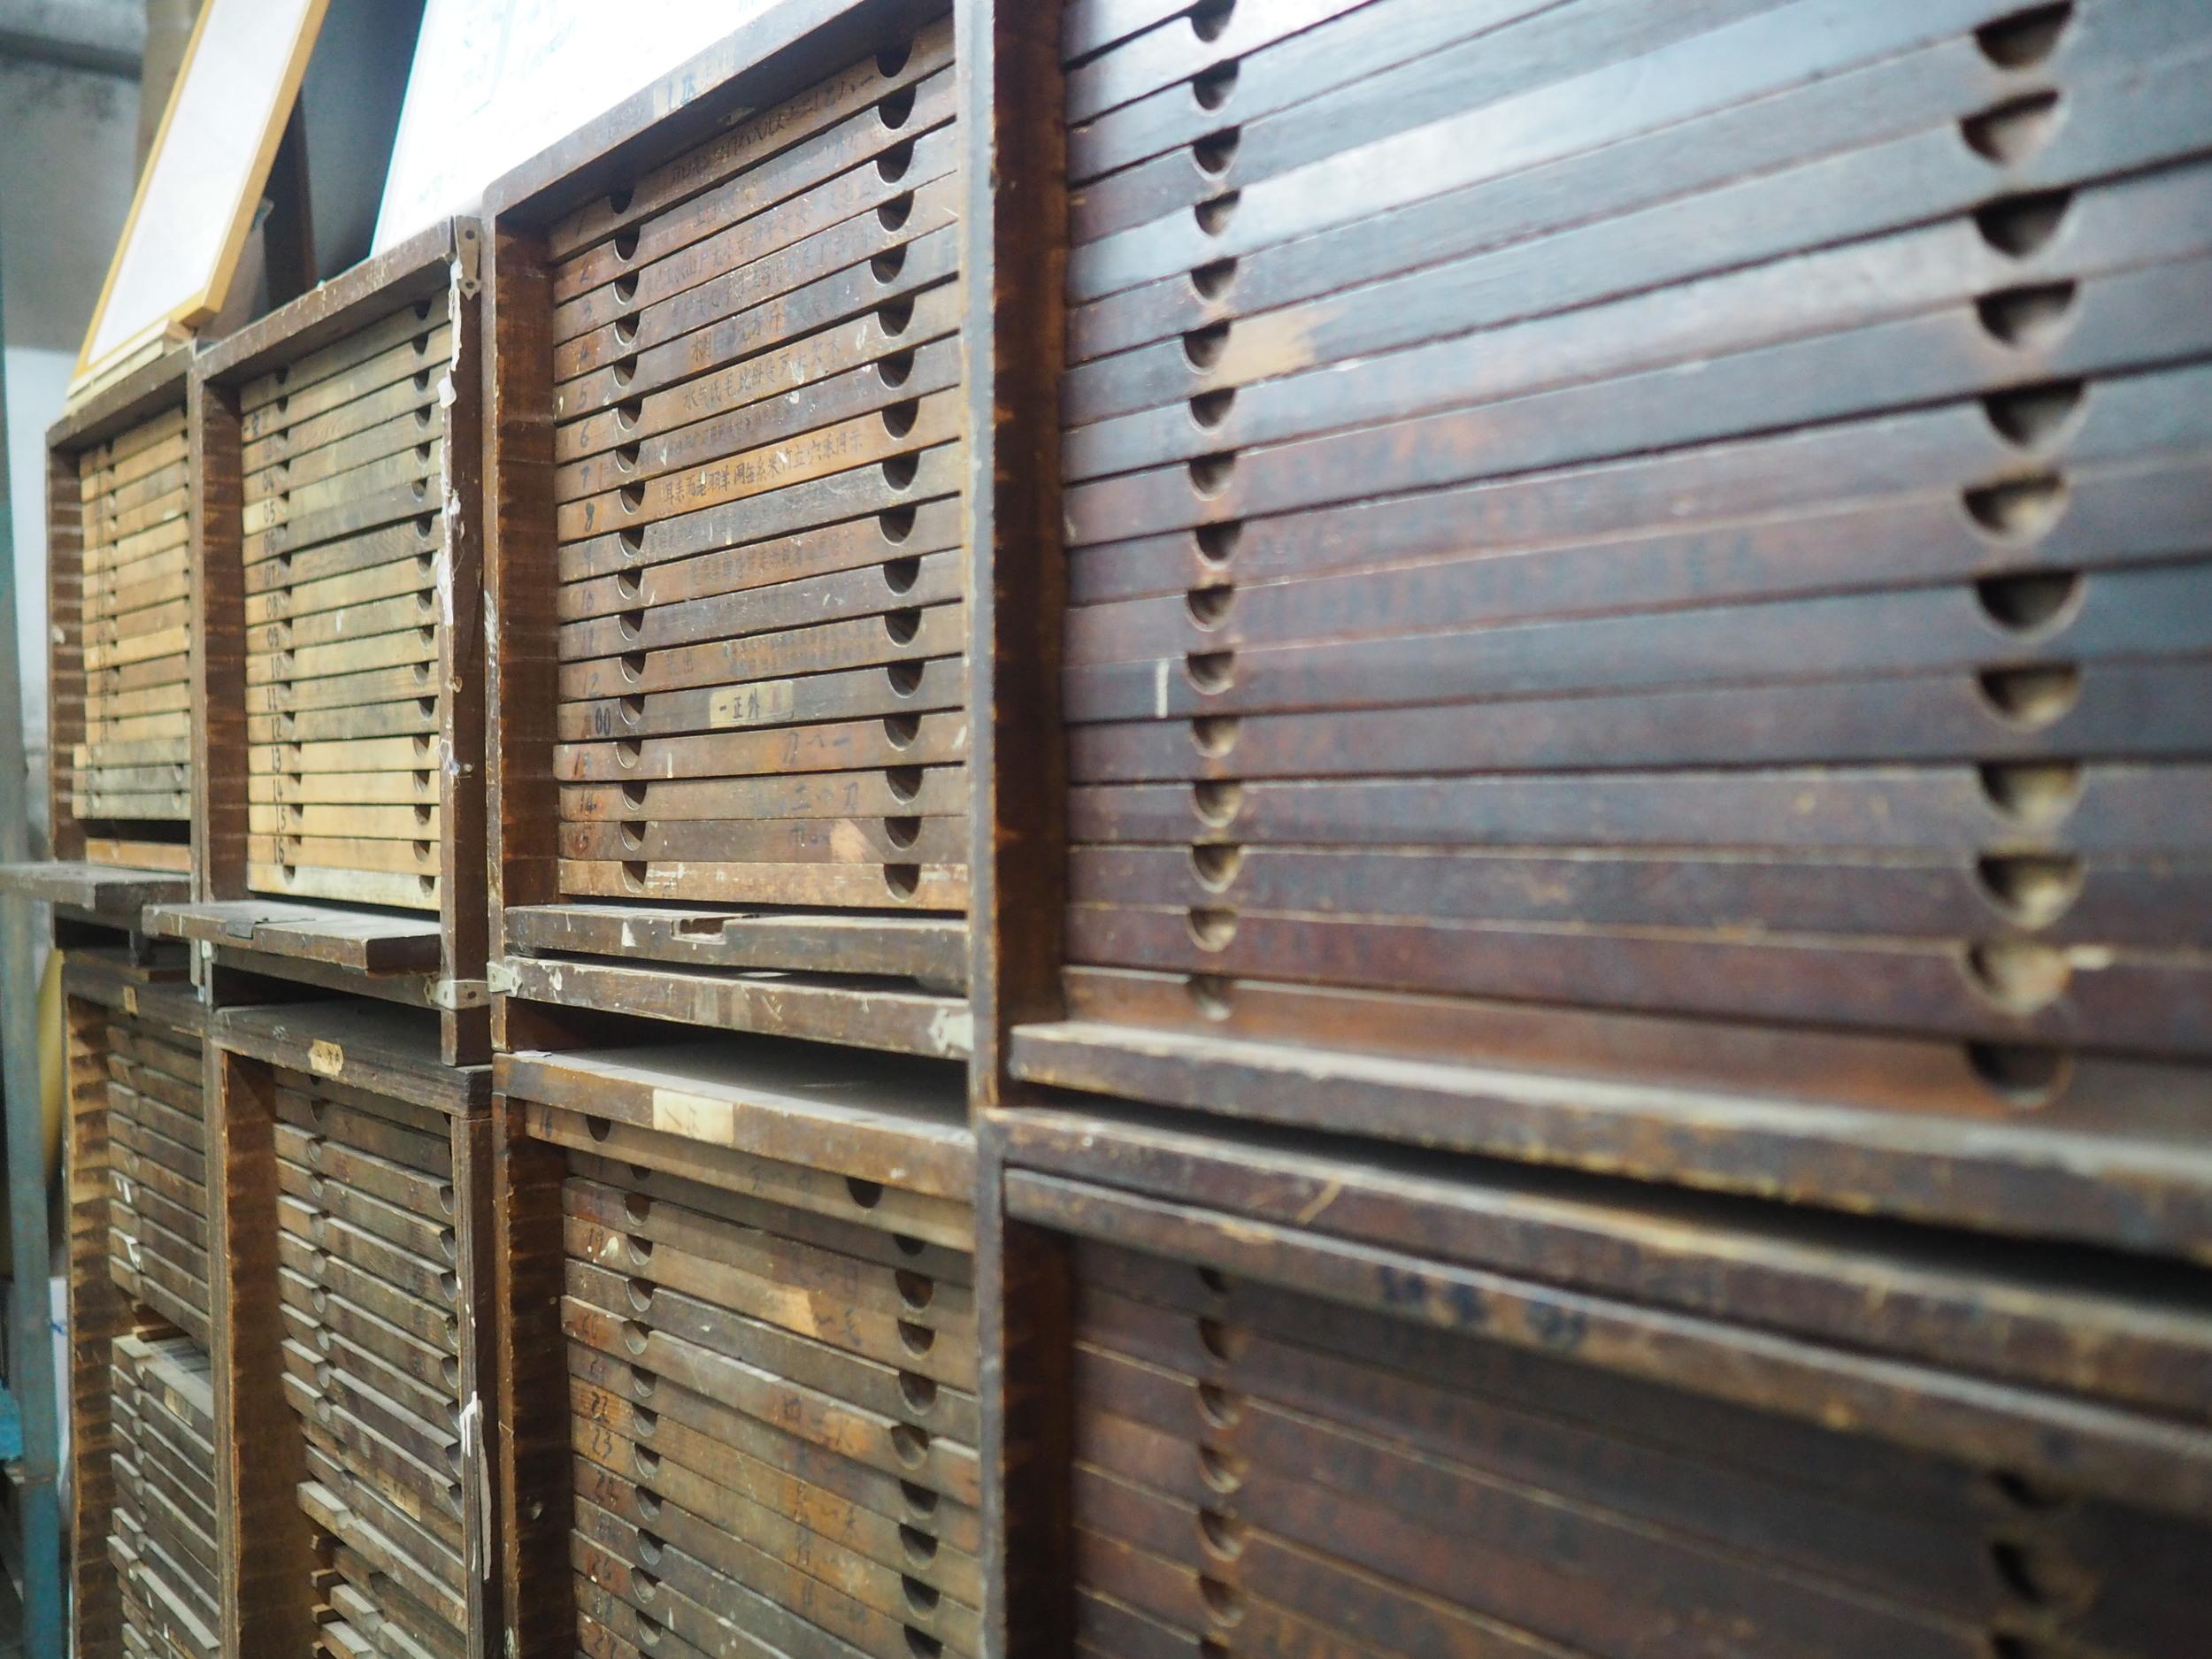 - 銅模櫃 –    銅模在鑄字工作完成須歸回銅模櫃,並須將銅模擦拭乾淨,連同黏在表面的鉛屑一併清除。